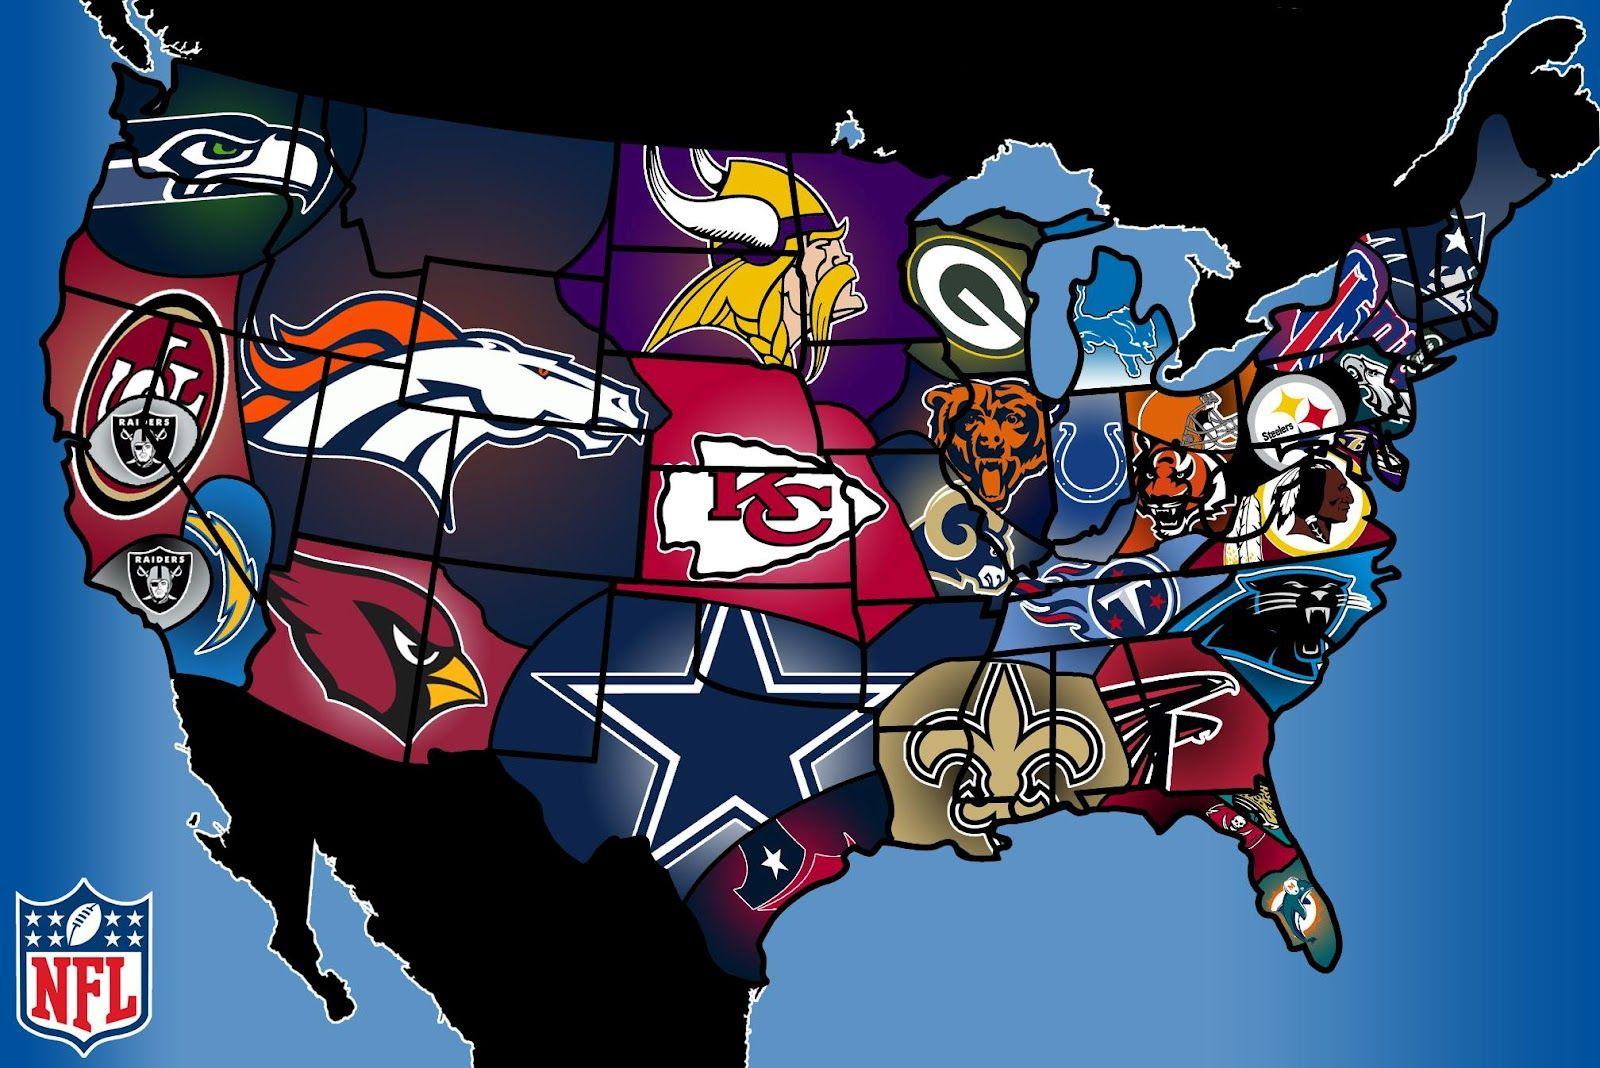 bg_usa_NFL_teams1